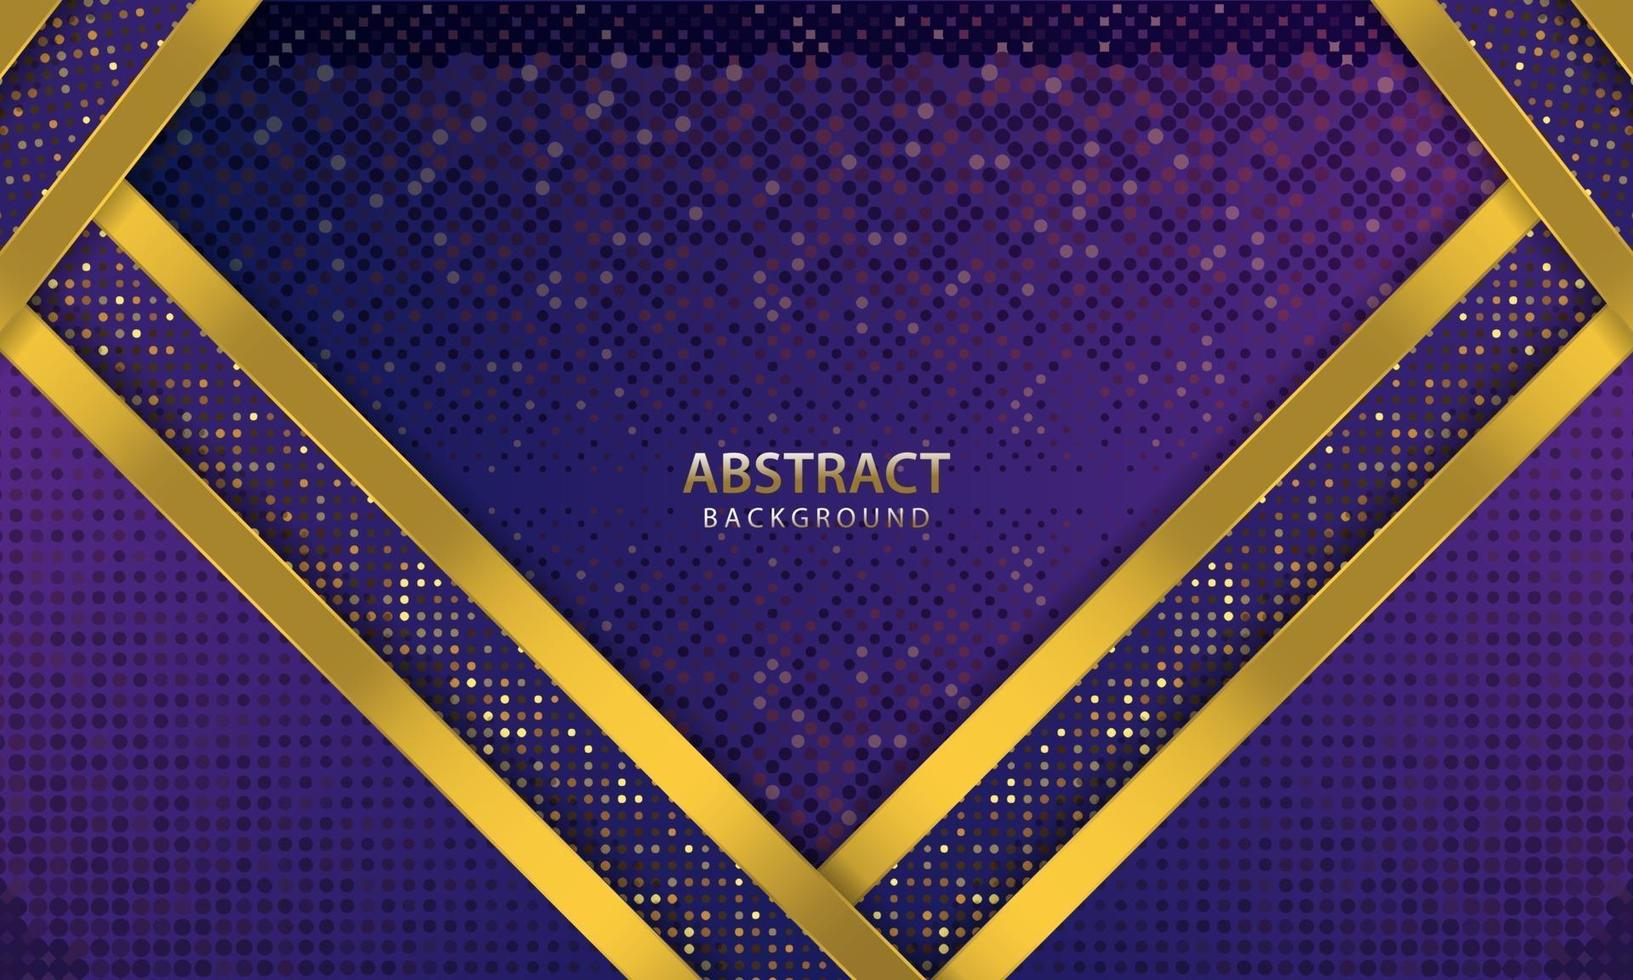 mörkblå abstrakt bakgrund. konsistens med linje guld och glittrar dekoration. realistisk vektorillustration. vektor